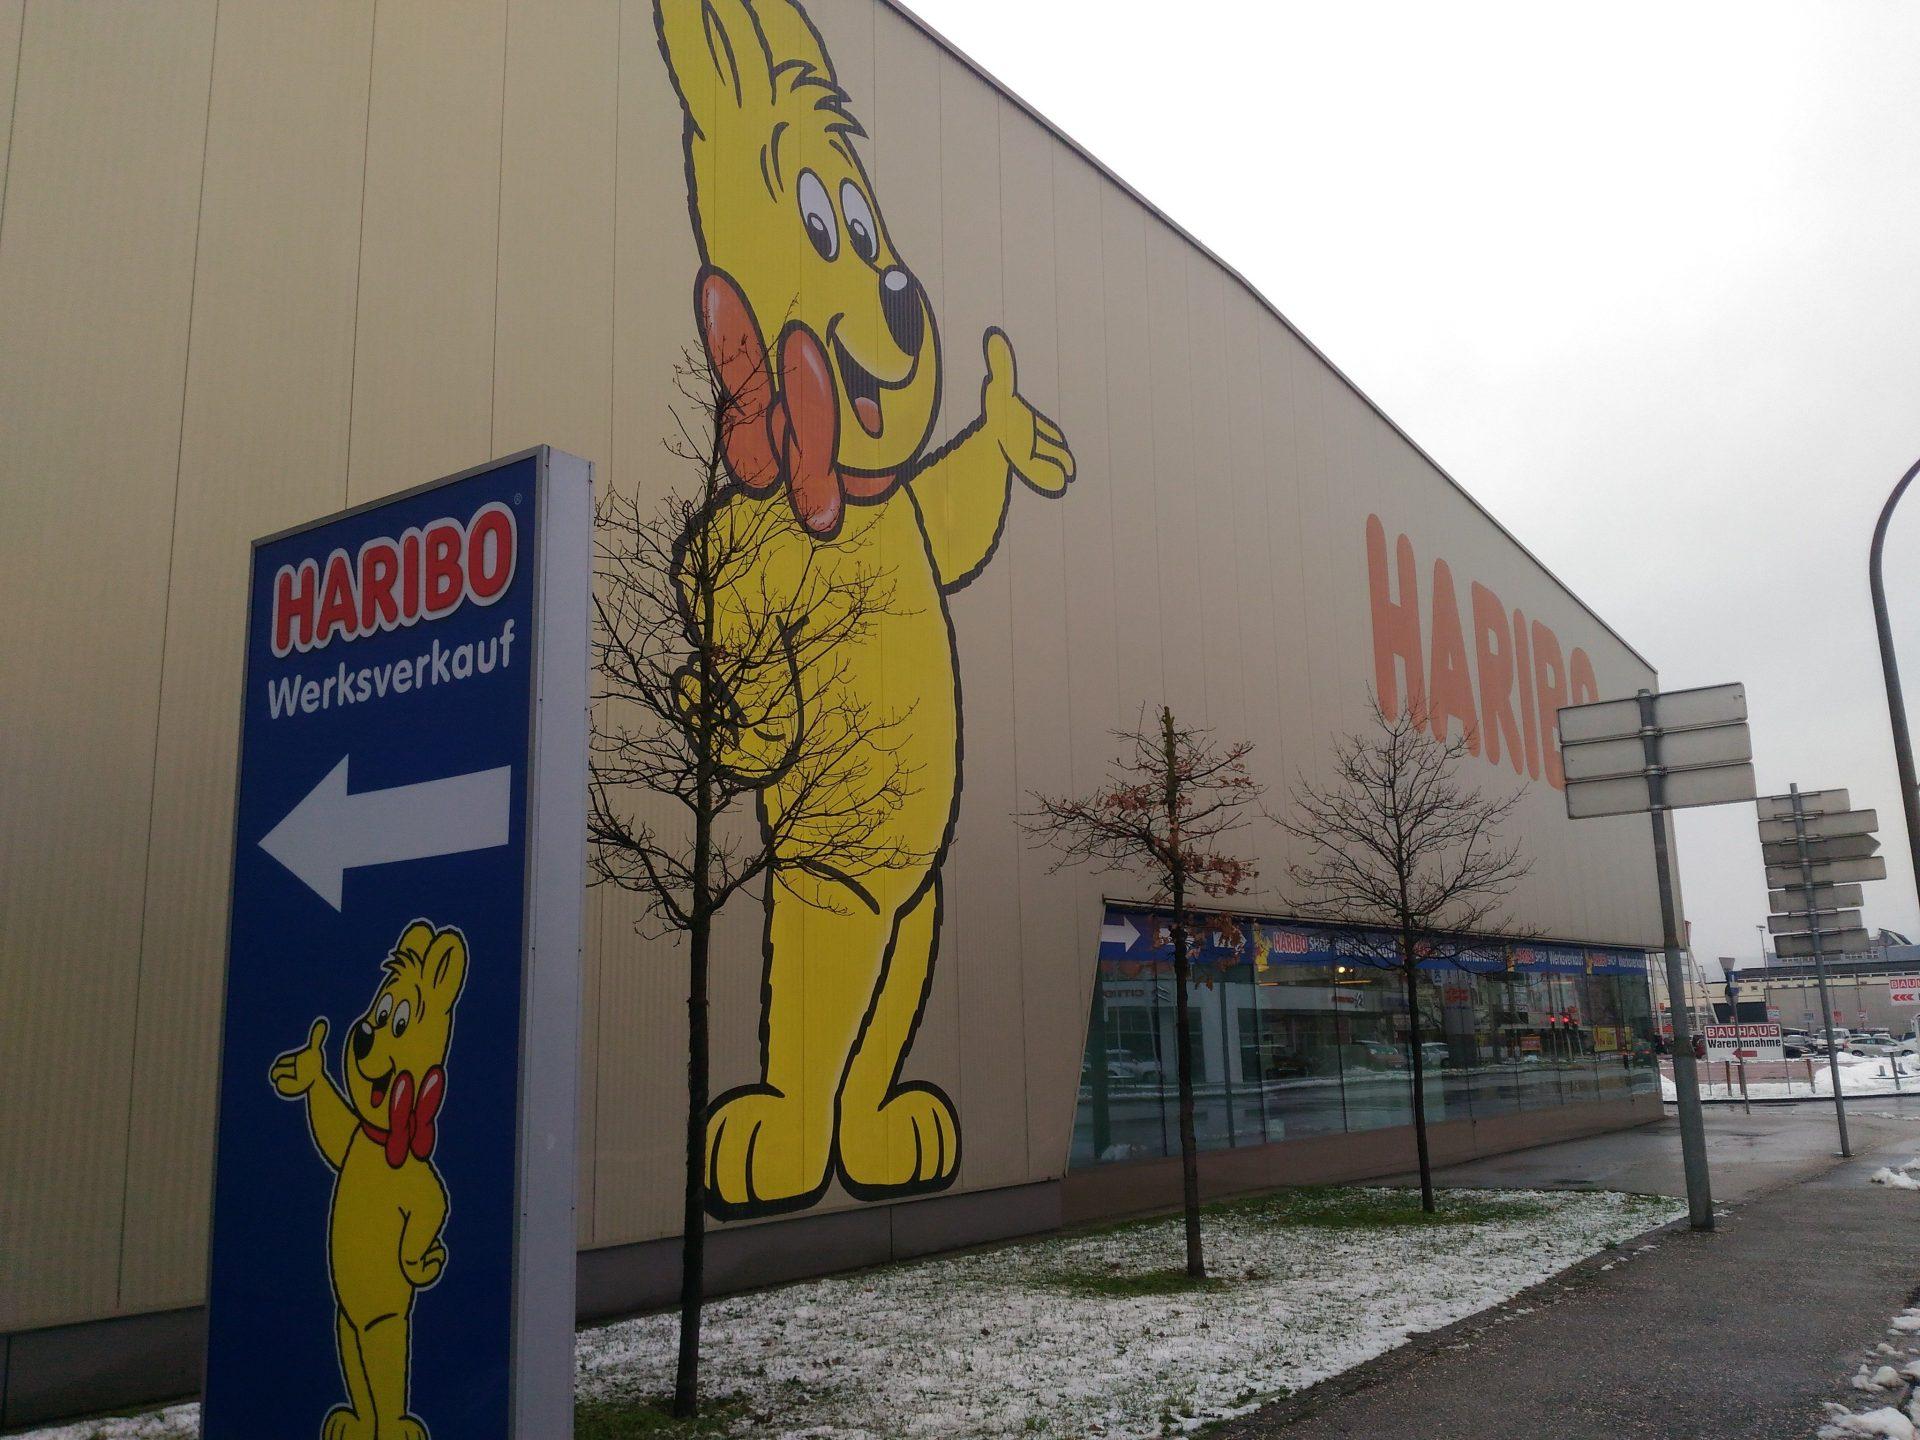 Фирменный магазин Haribo в австрийском Линце. Самый сладкий рассказ на этом канале*